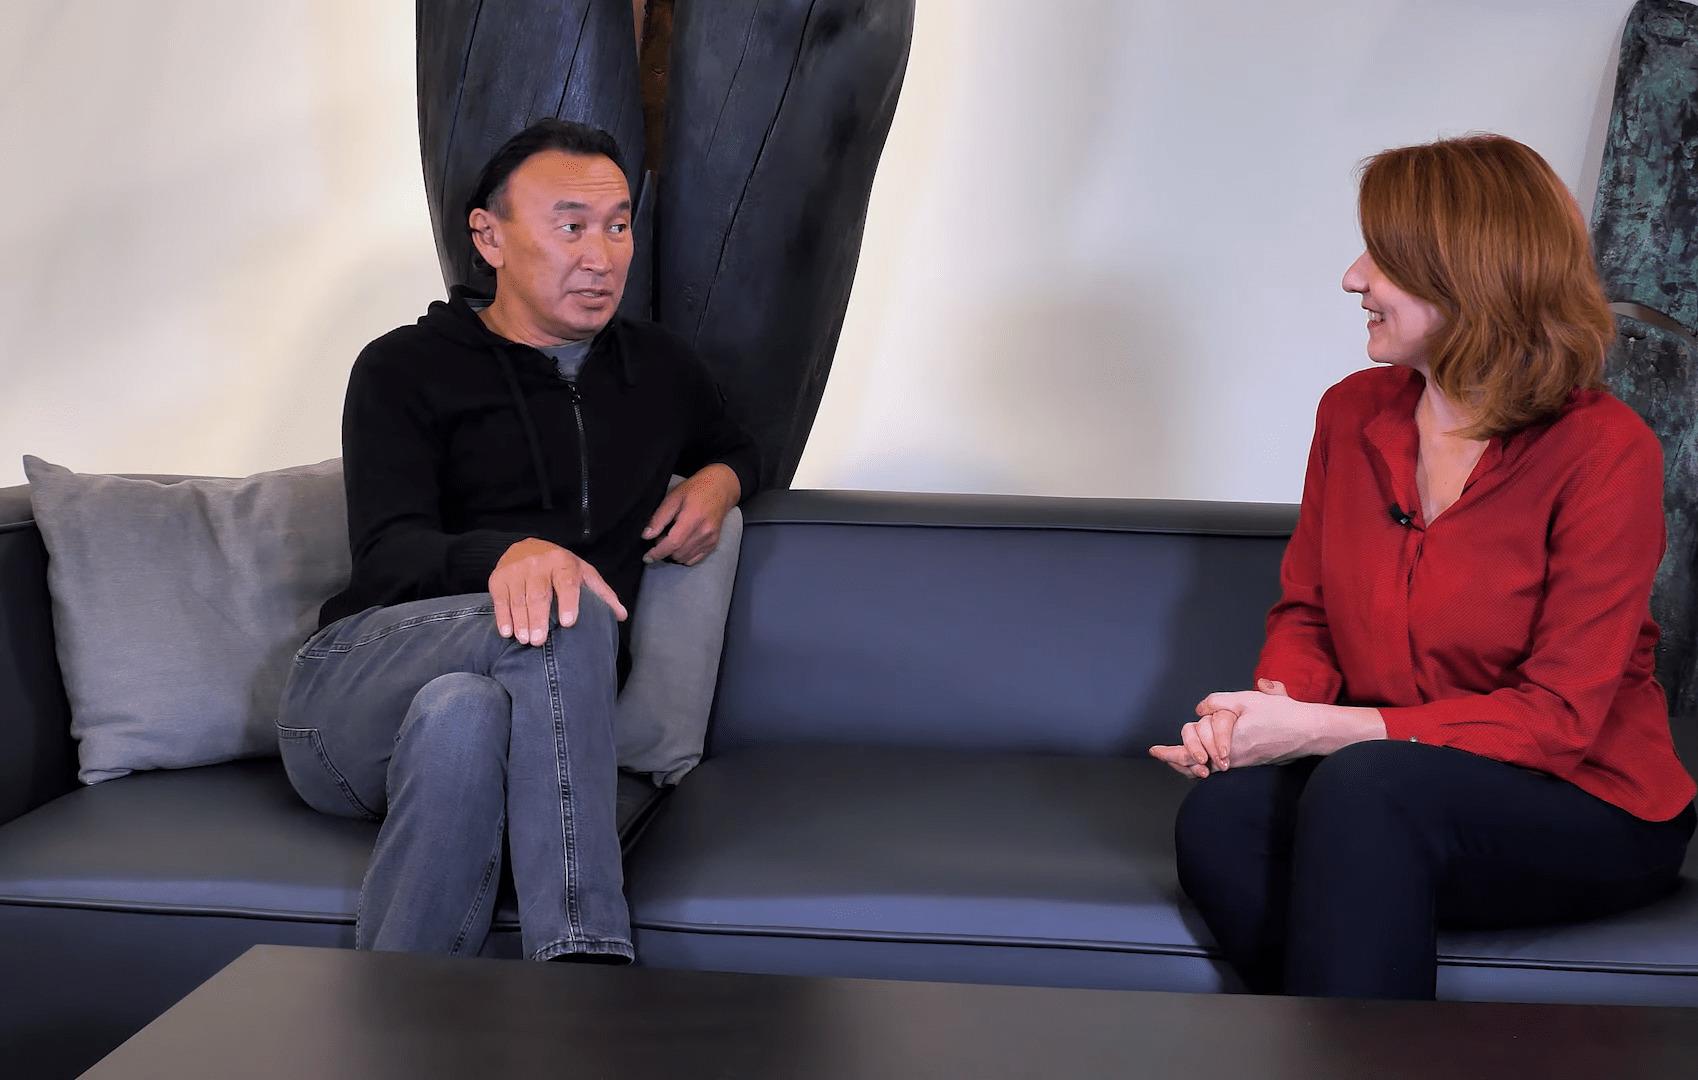 Образовательная экспедиция СОТ в Республику Бурятия: интервью со скульптором Даши Намдаковым о влиянии культуры на творчество